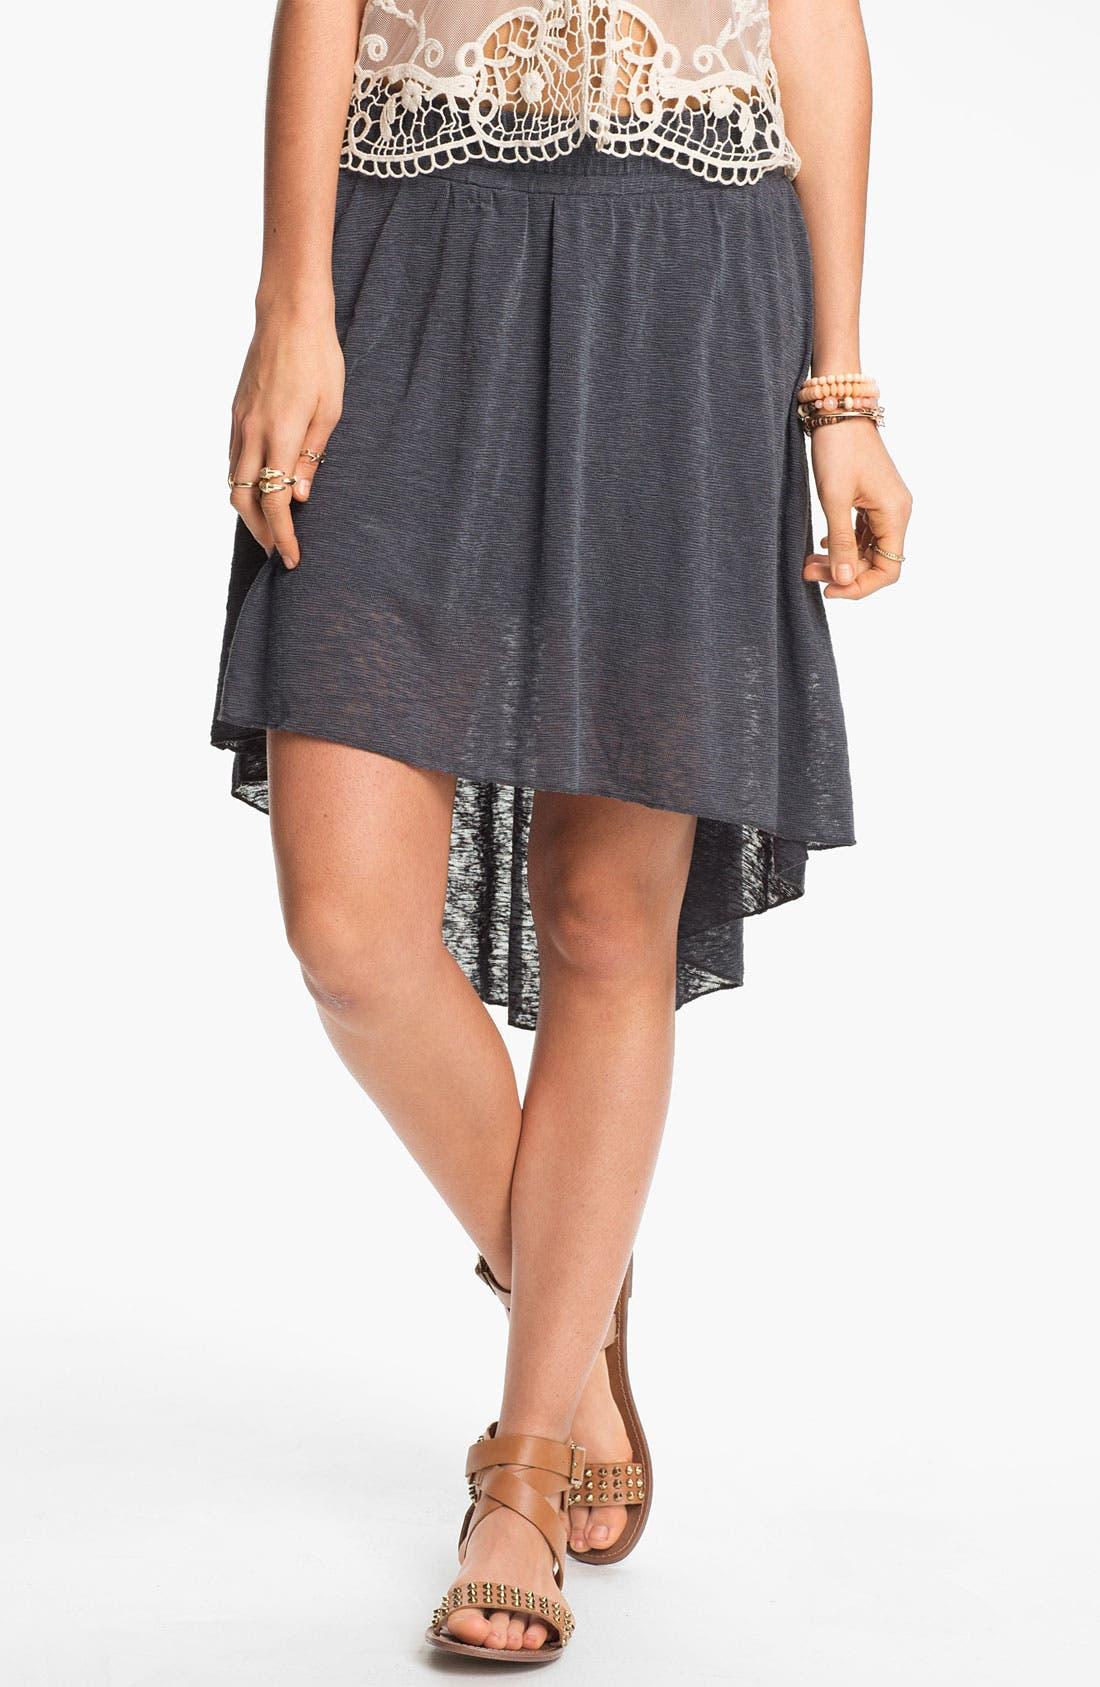 Alternate Image 1 Selected - Rubbish Burnout High/Low Skirt (Juniors)